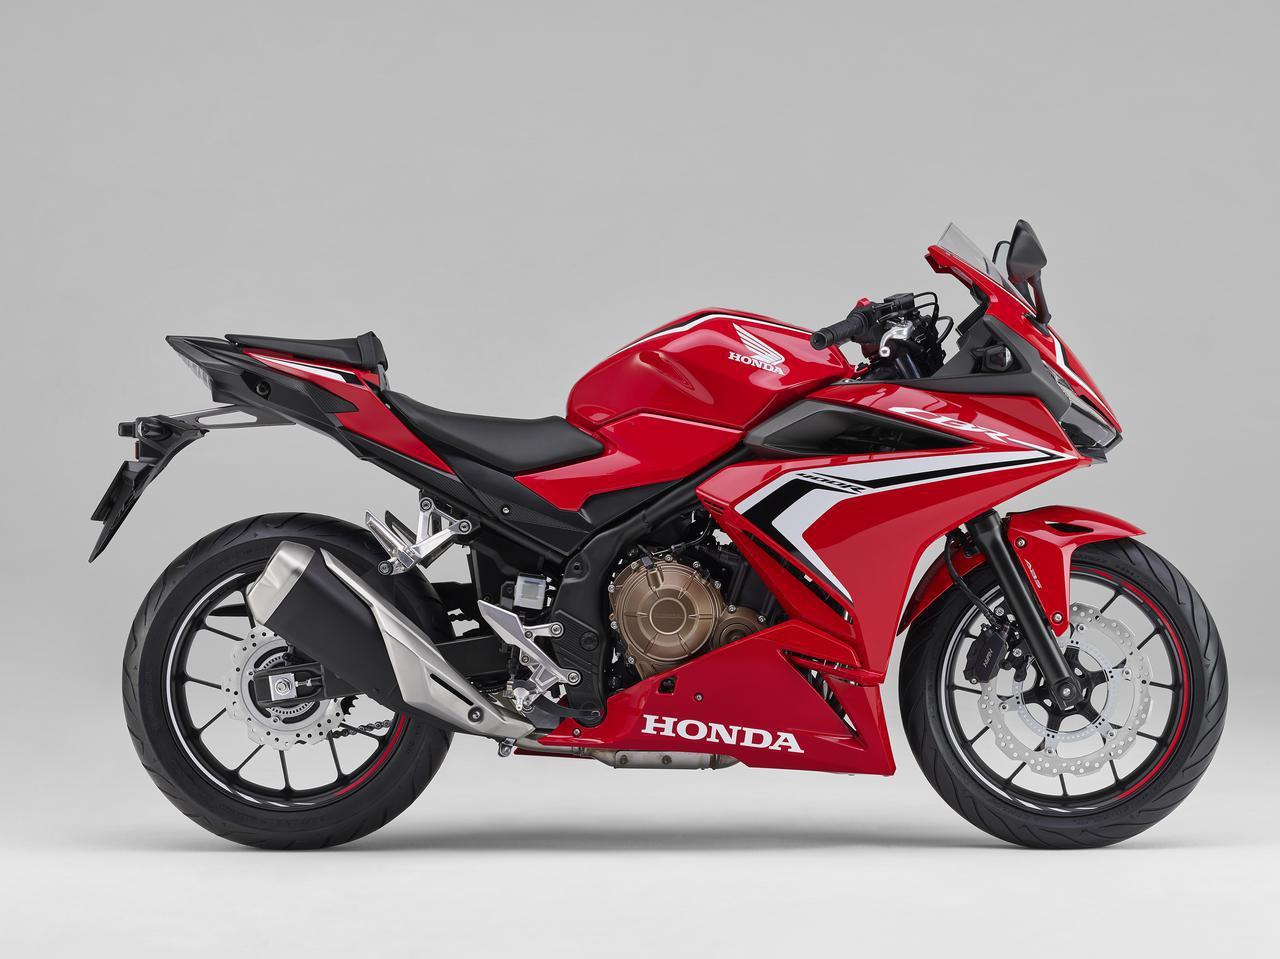 画像1: ホンダが「CBR400R」の2020年モデルを発売! RR-Rと共通のロゴデザインを採用、カラーバリエーションは3色!